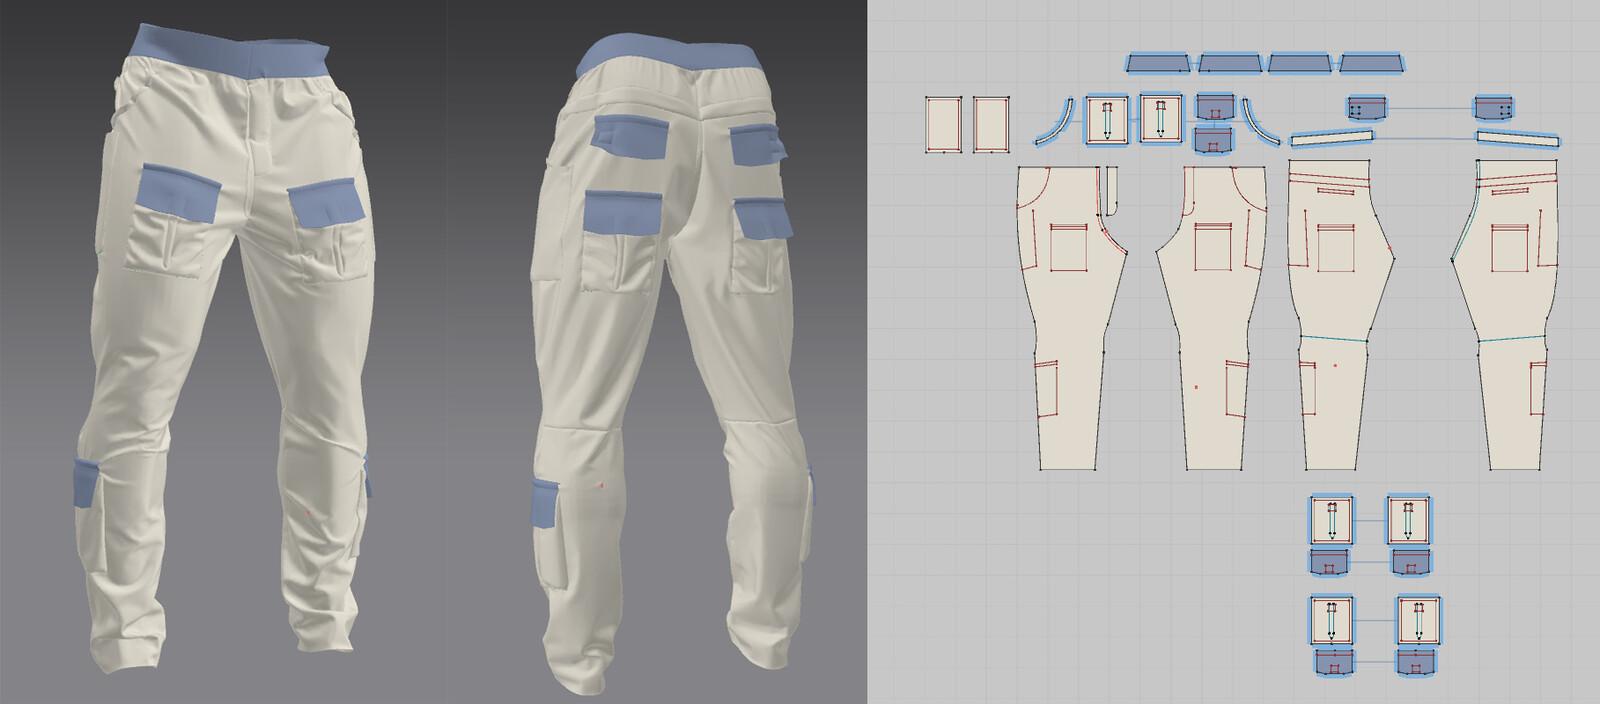 Marvelous designer garments